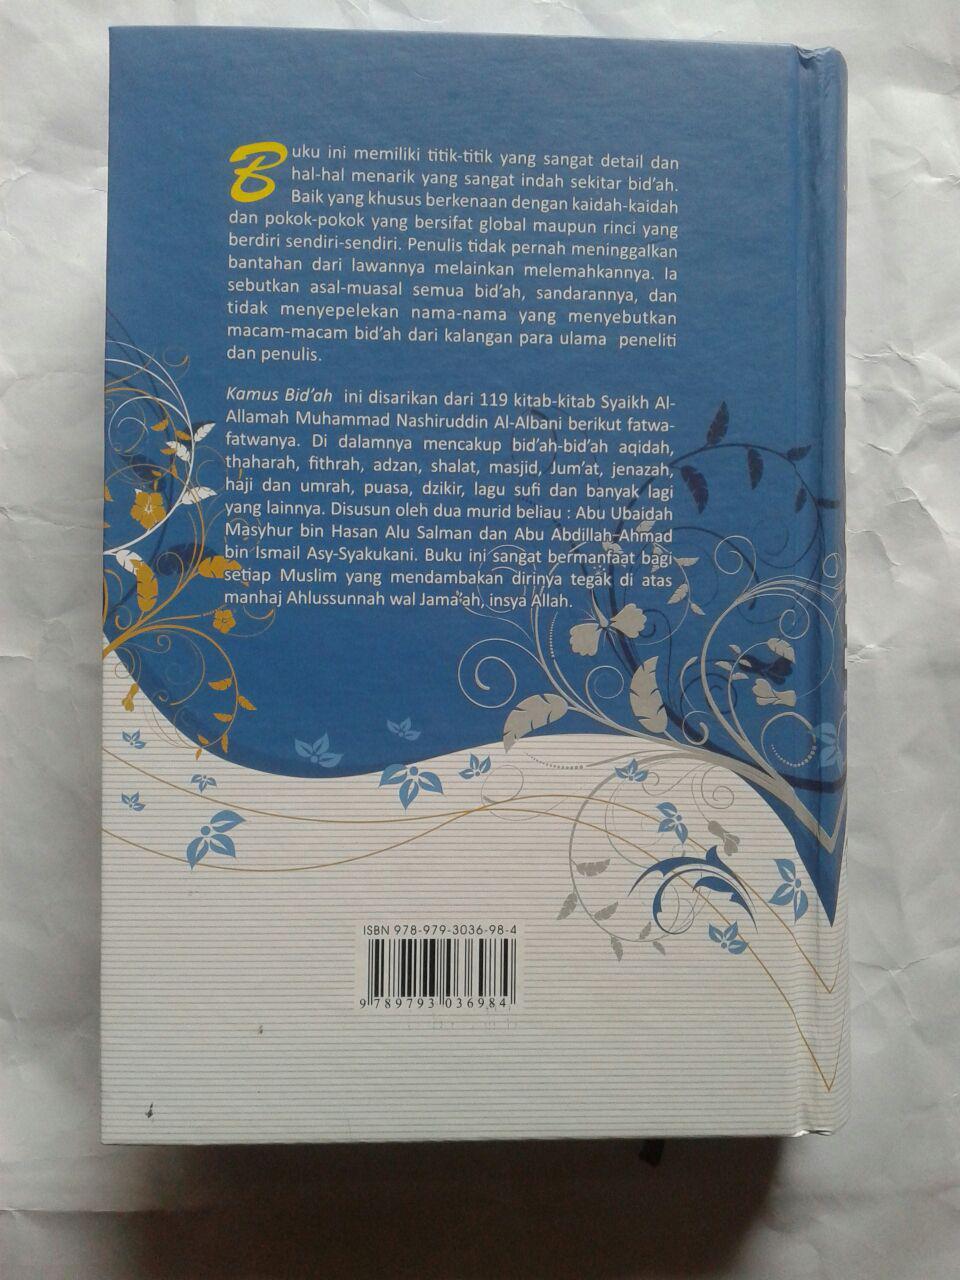 Buku Kamus Bid'ah Disarikan Dari Buku Buku Syaikh Al-Albani 240,000 20% 192,000 cover